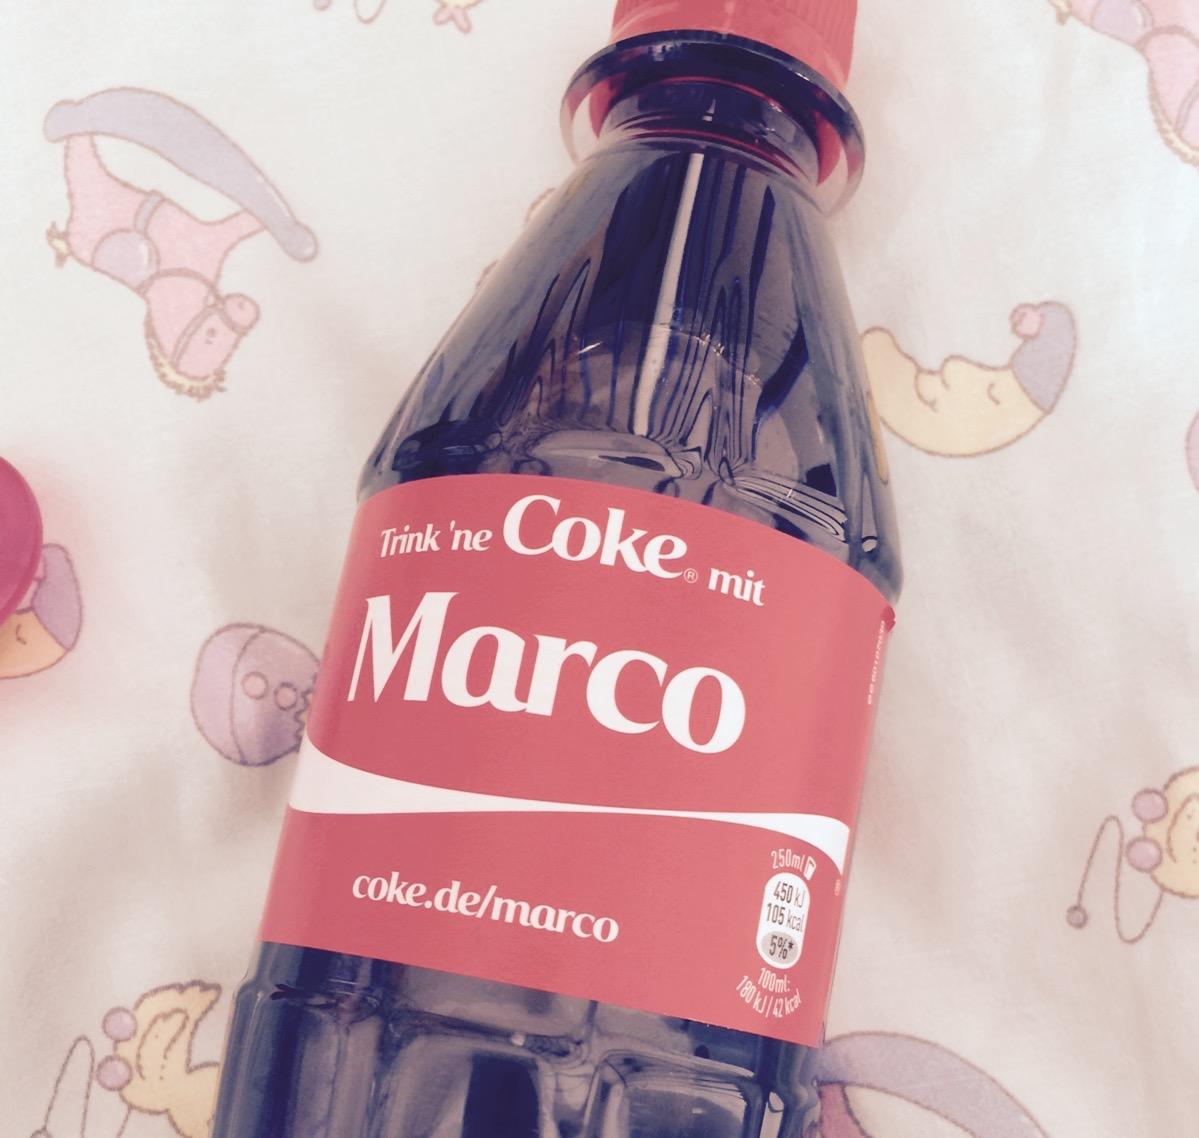 Coke Marco